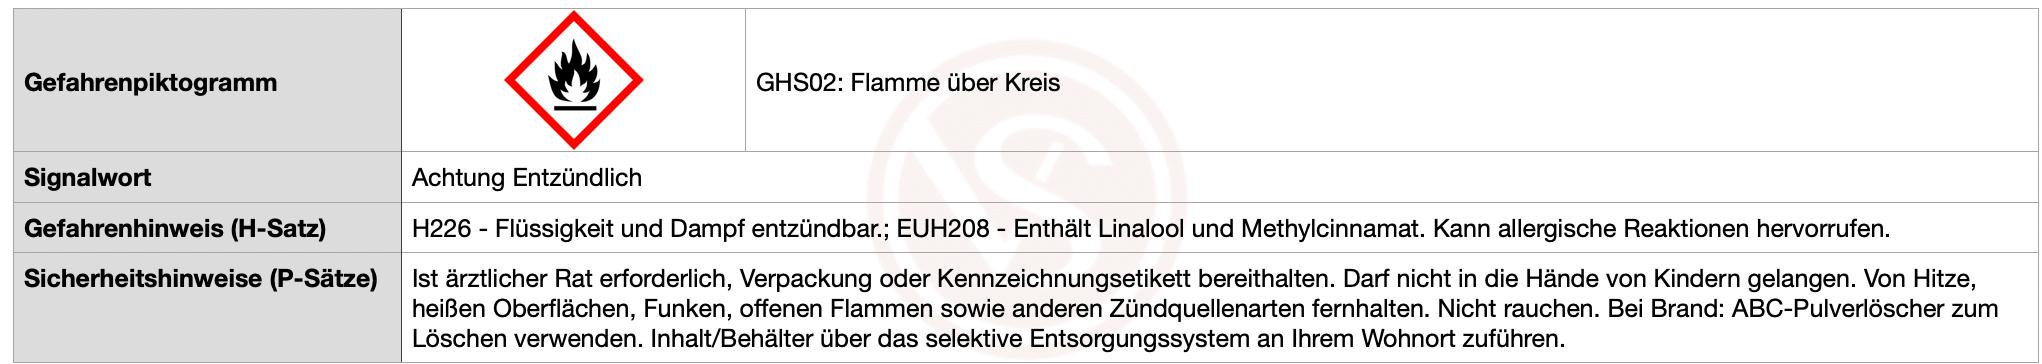 Achtung_Entzundlich_H226-und-EUH_Linalool_Methylcinnamat-min